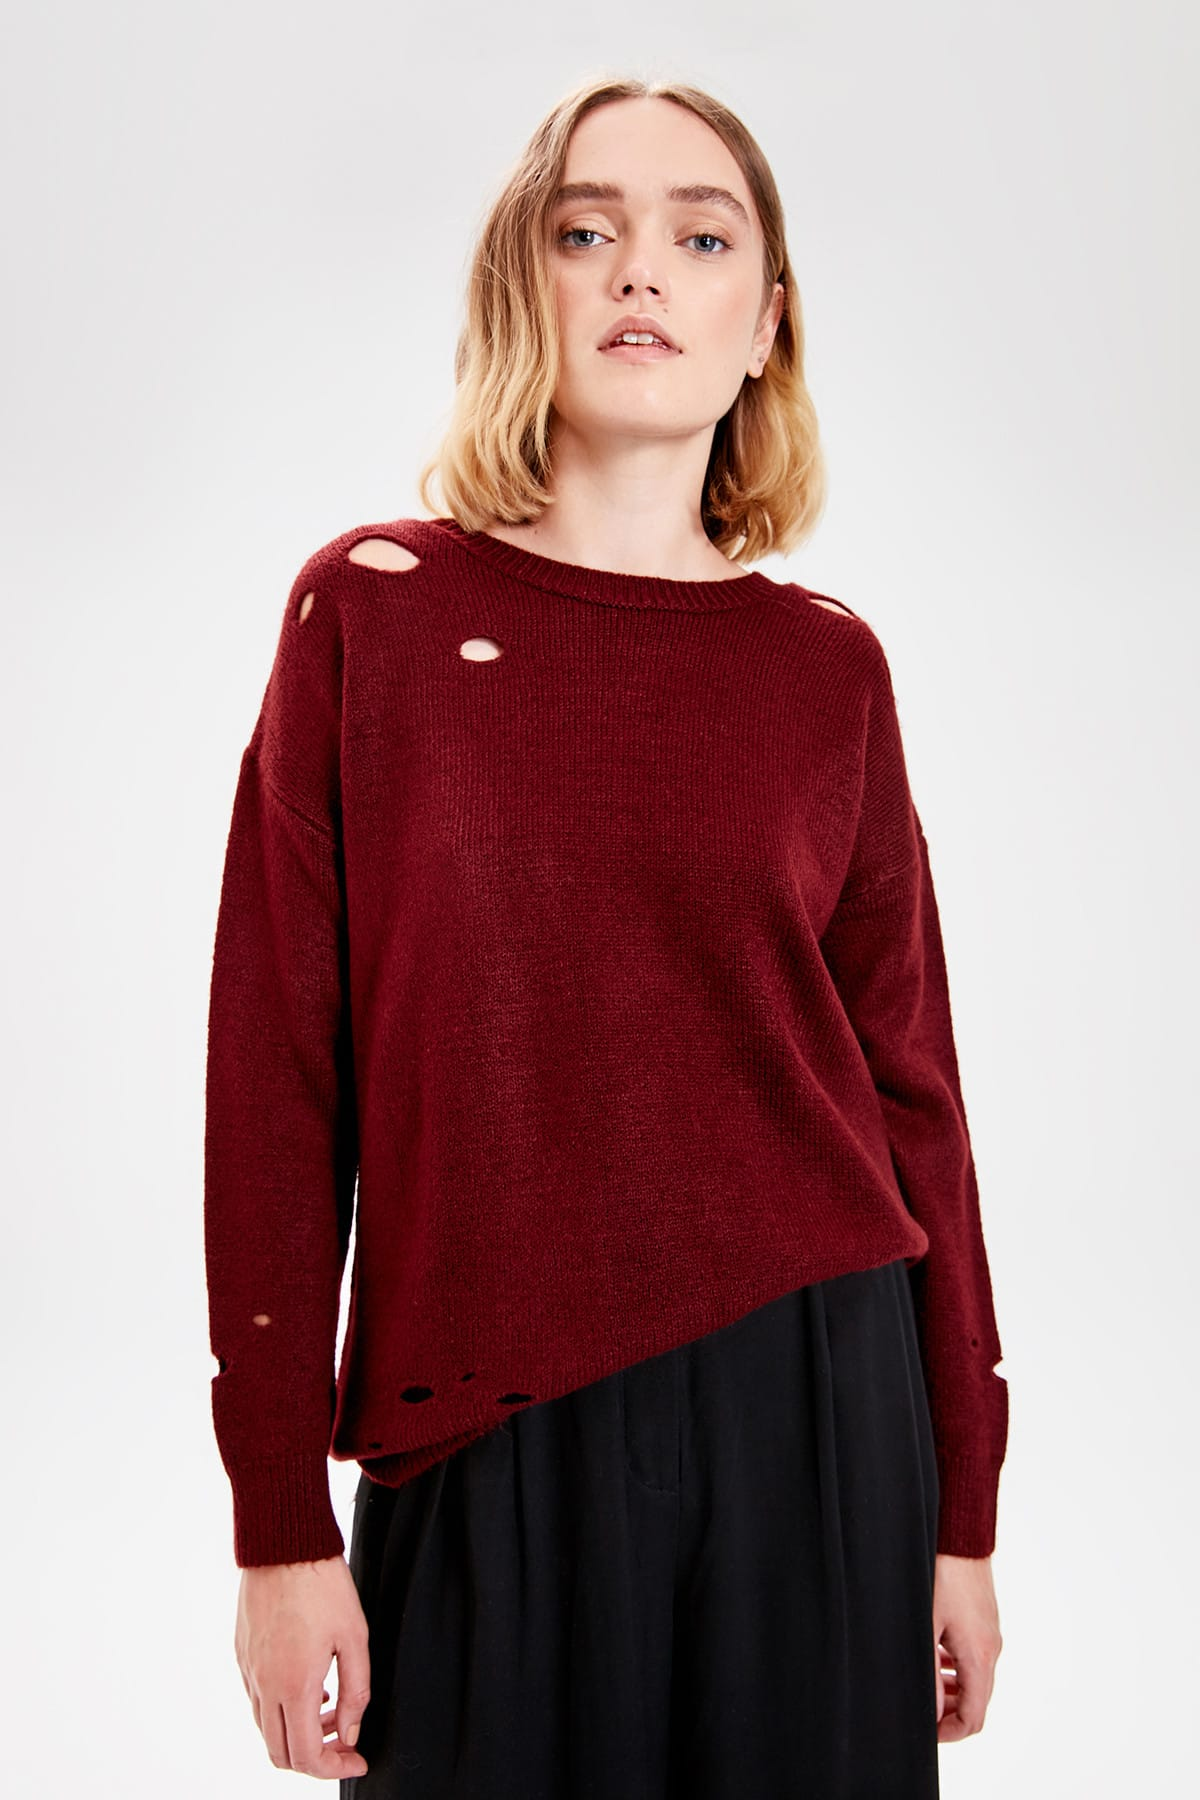 Trendyol Burgundy Ripped Detailed Knitwear Sweater TWOAW20ZA0074